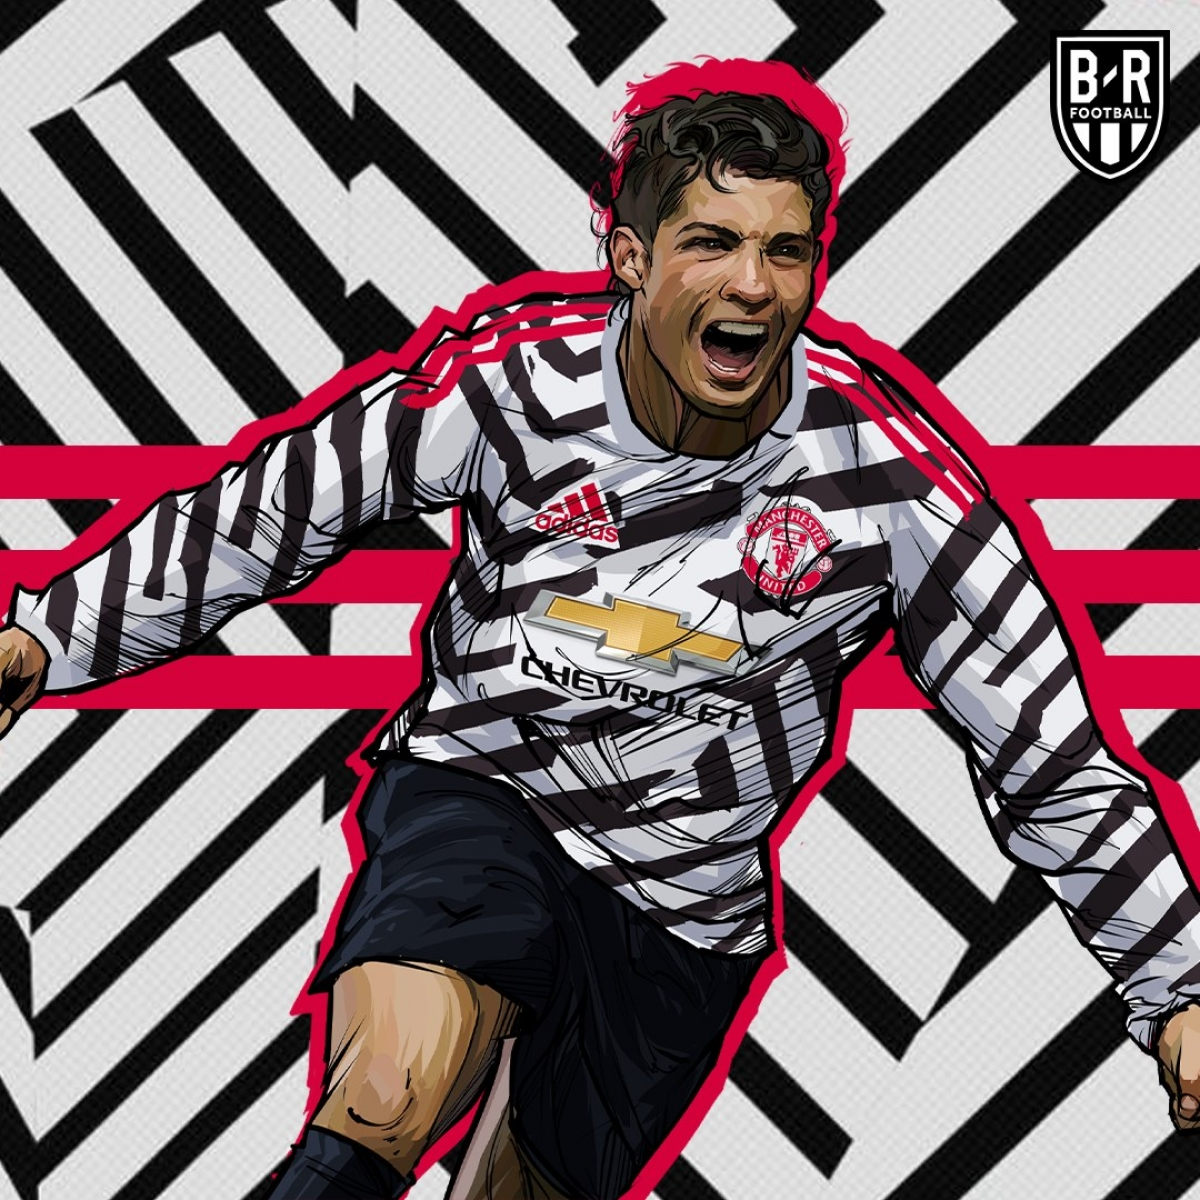 Mẫu áo xấu tệ của MU vẫn sẽ đẹp nếu được khoác lên mình bởi Cristiano Ronaldo. (Ảnh: Bleacher Reports)